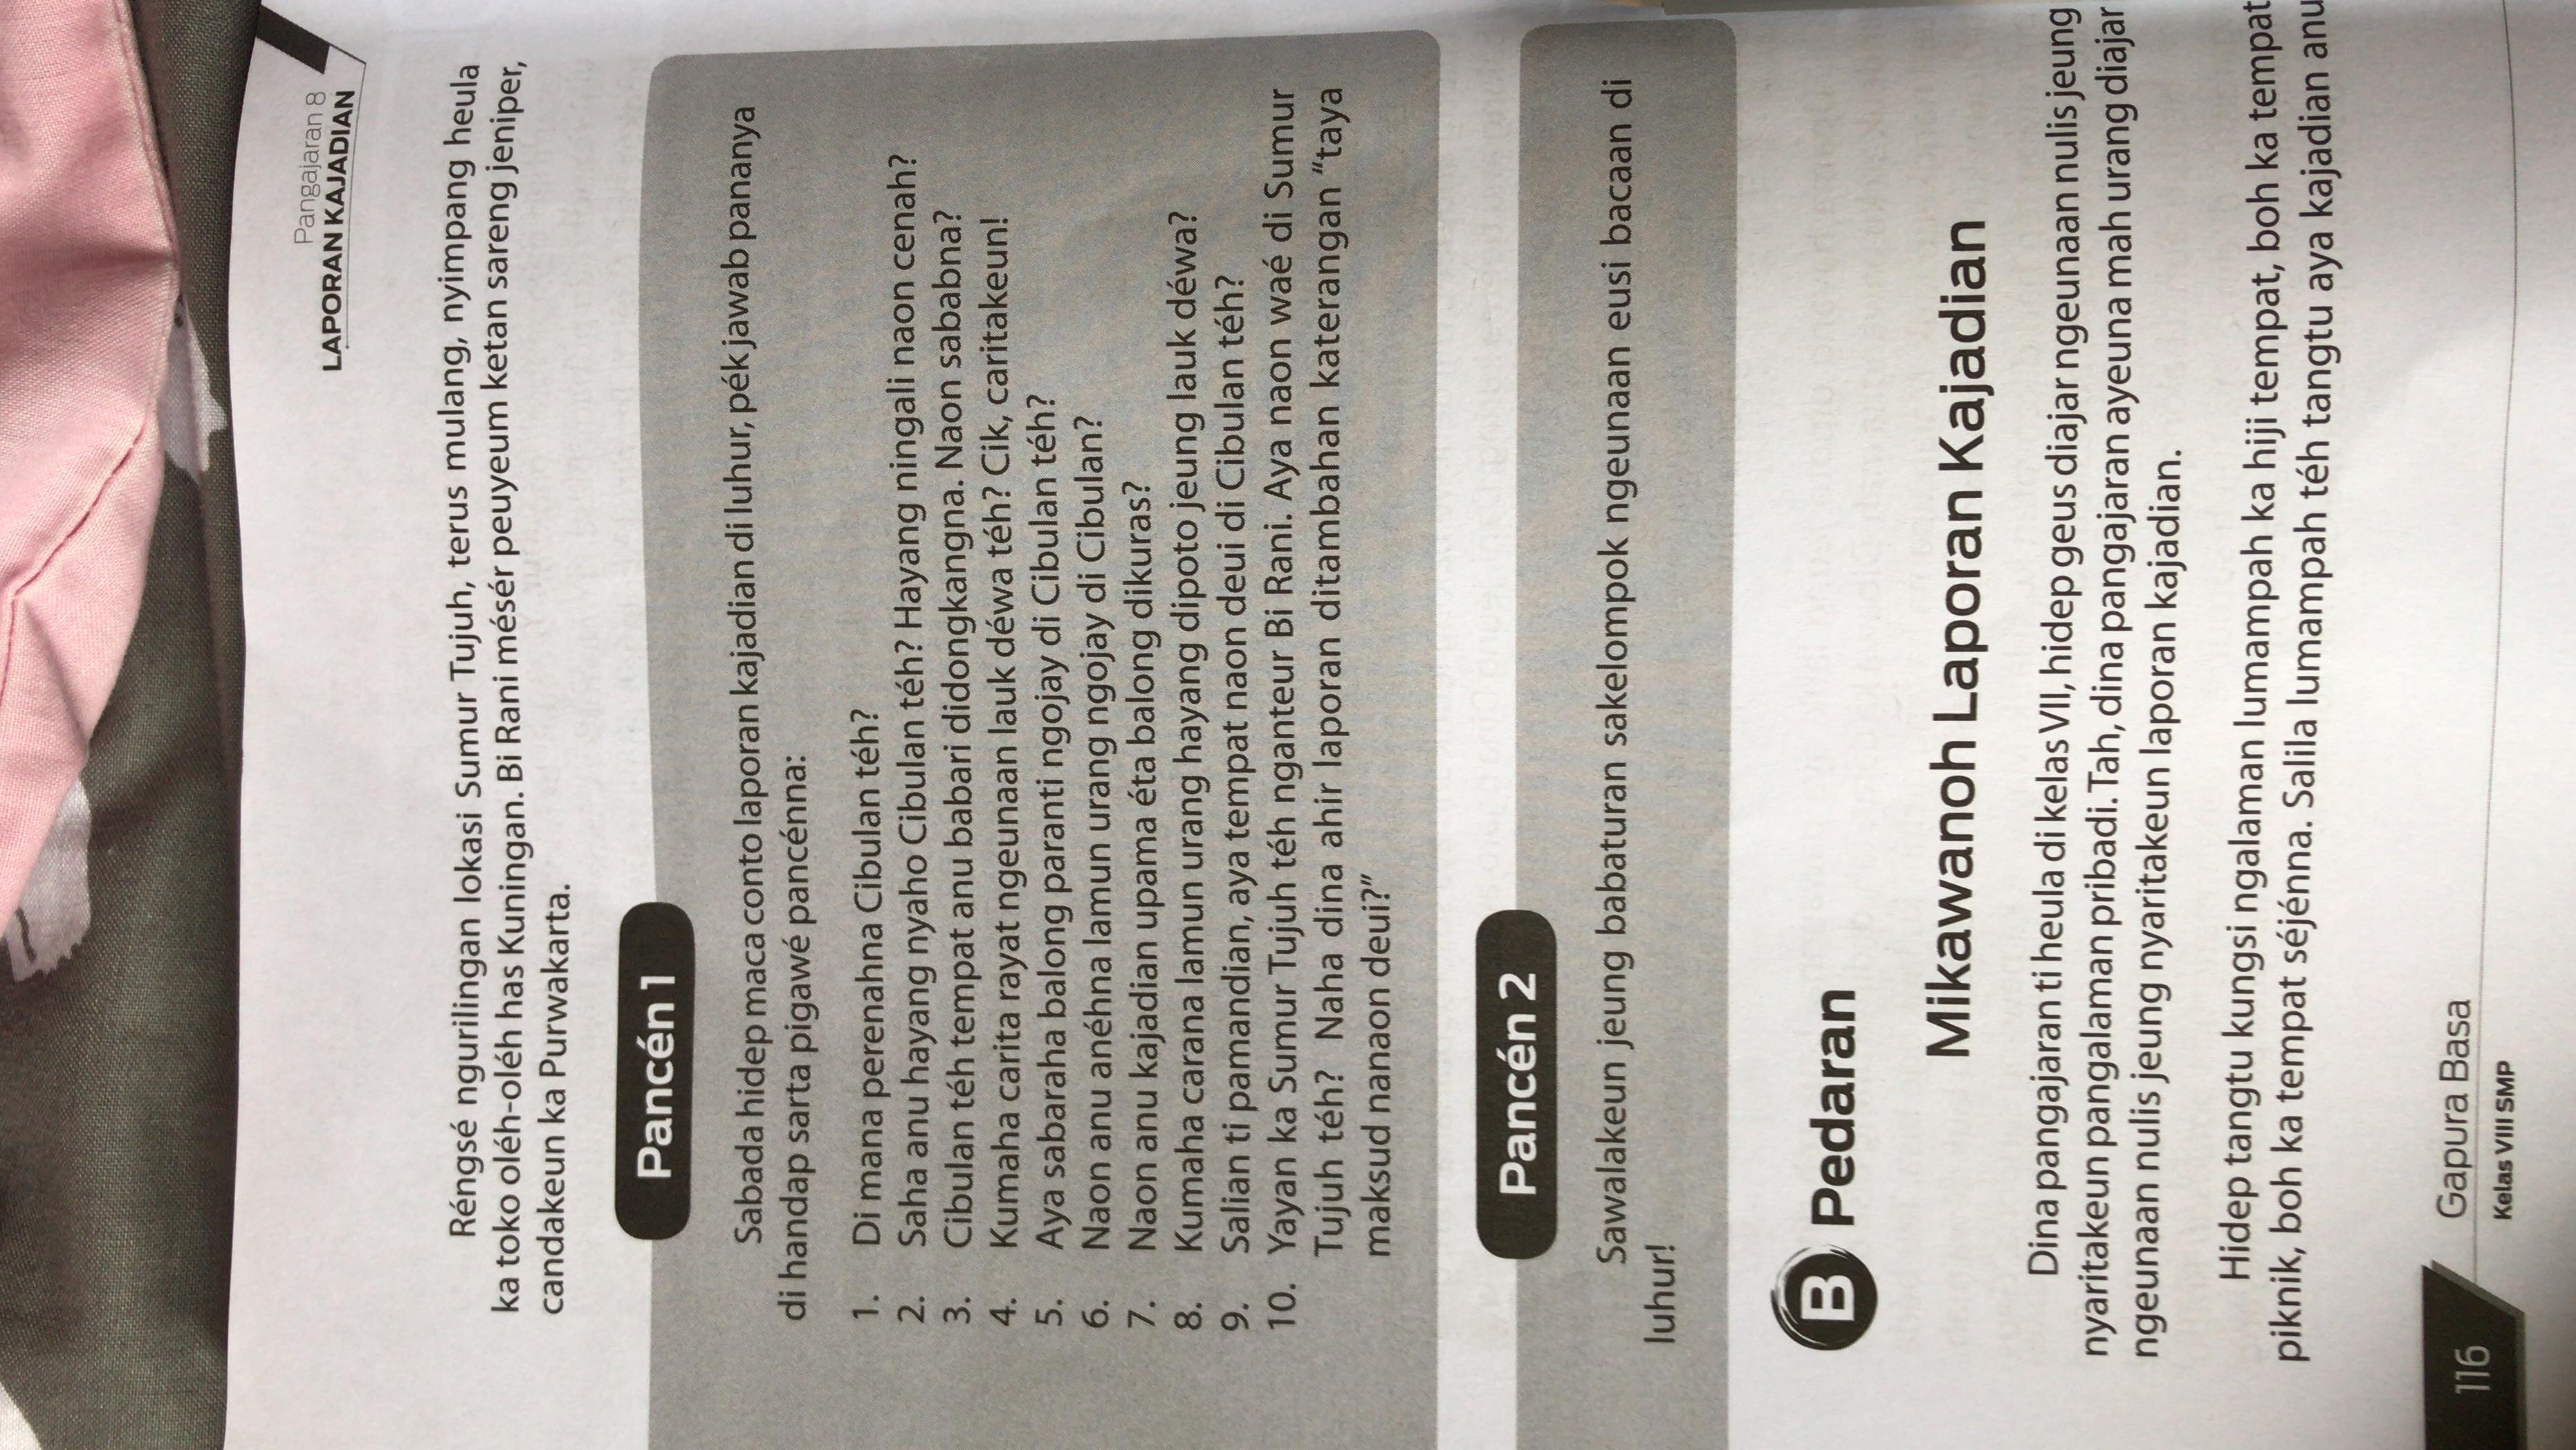 Jawaban Soal Bahasa Indonesia Tugas 2 Hal 111 Kelas 10